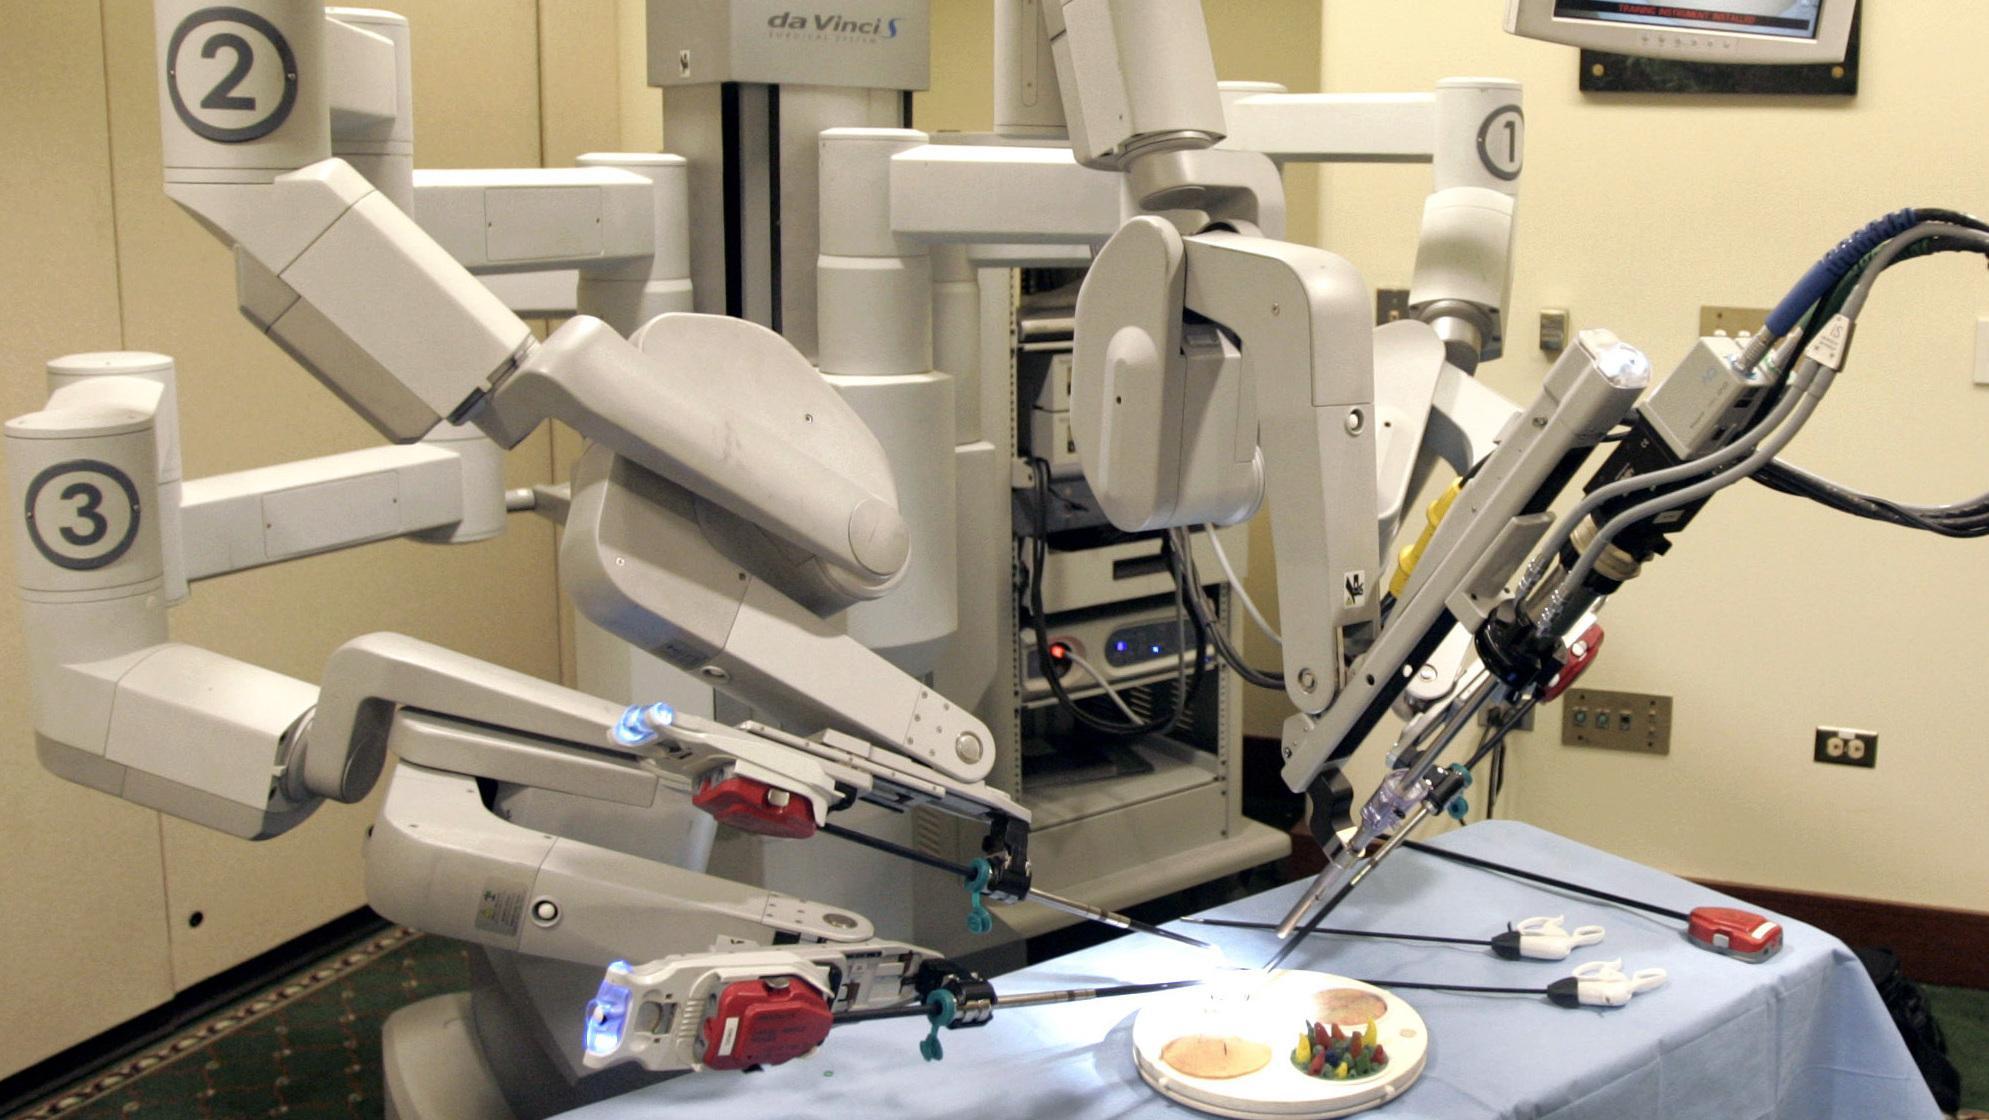 Image result for da vinci robot